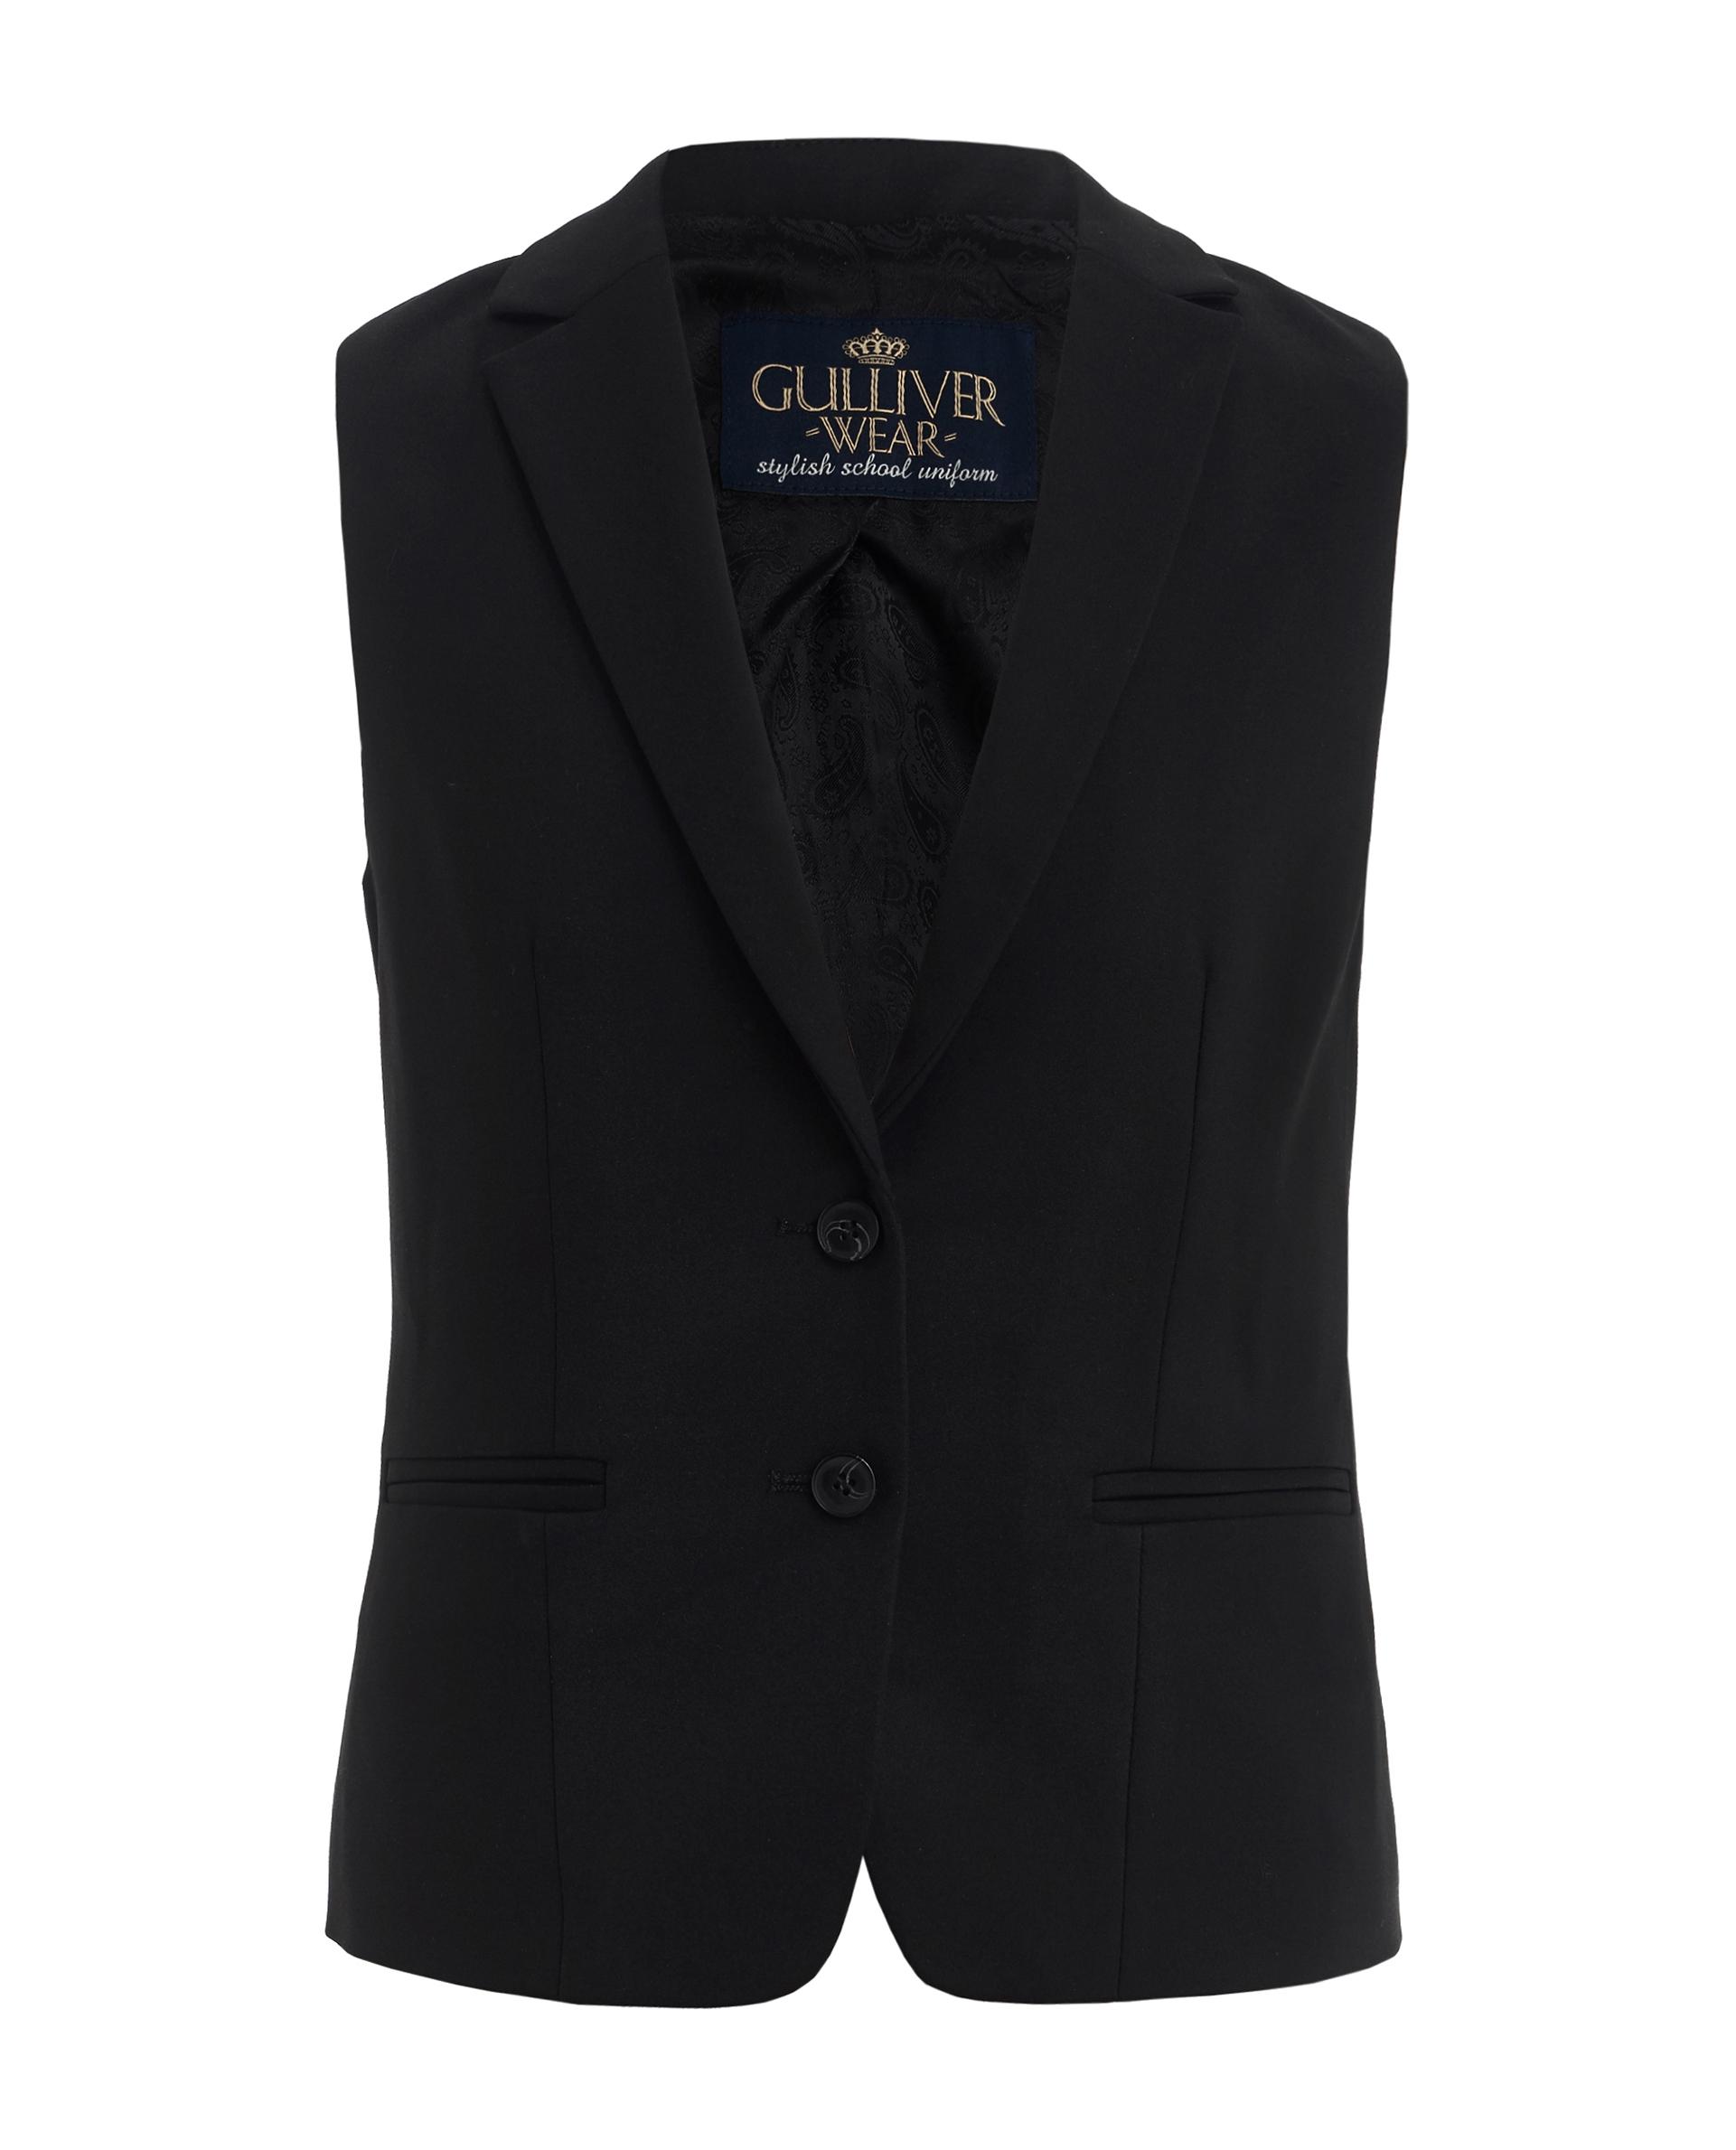 Купить 219GSGC4701, Черный жилет Gulliver, черный, 158, Женский, ШКОЛЬНАЯ ФОРМА 2019-2020 (shop: GulliverMarket Gulliver Market)